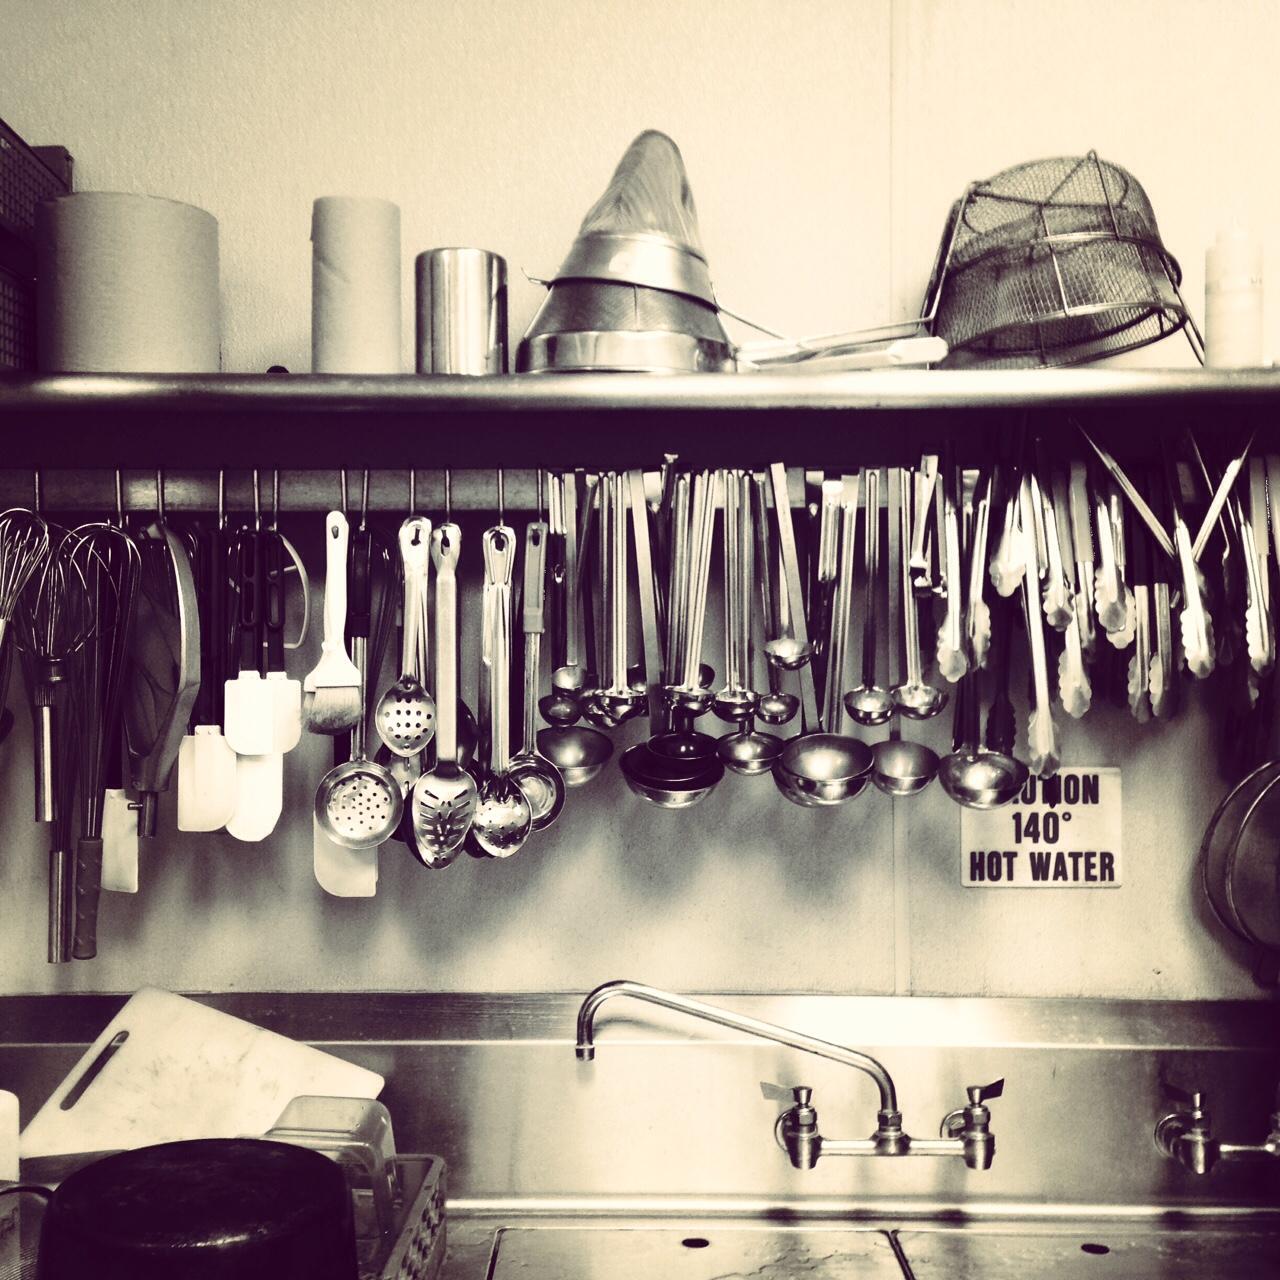 better dishes.JPG